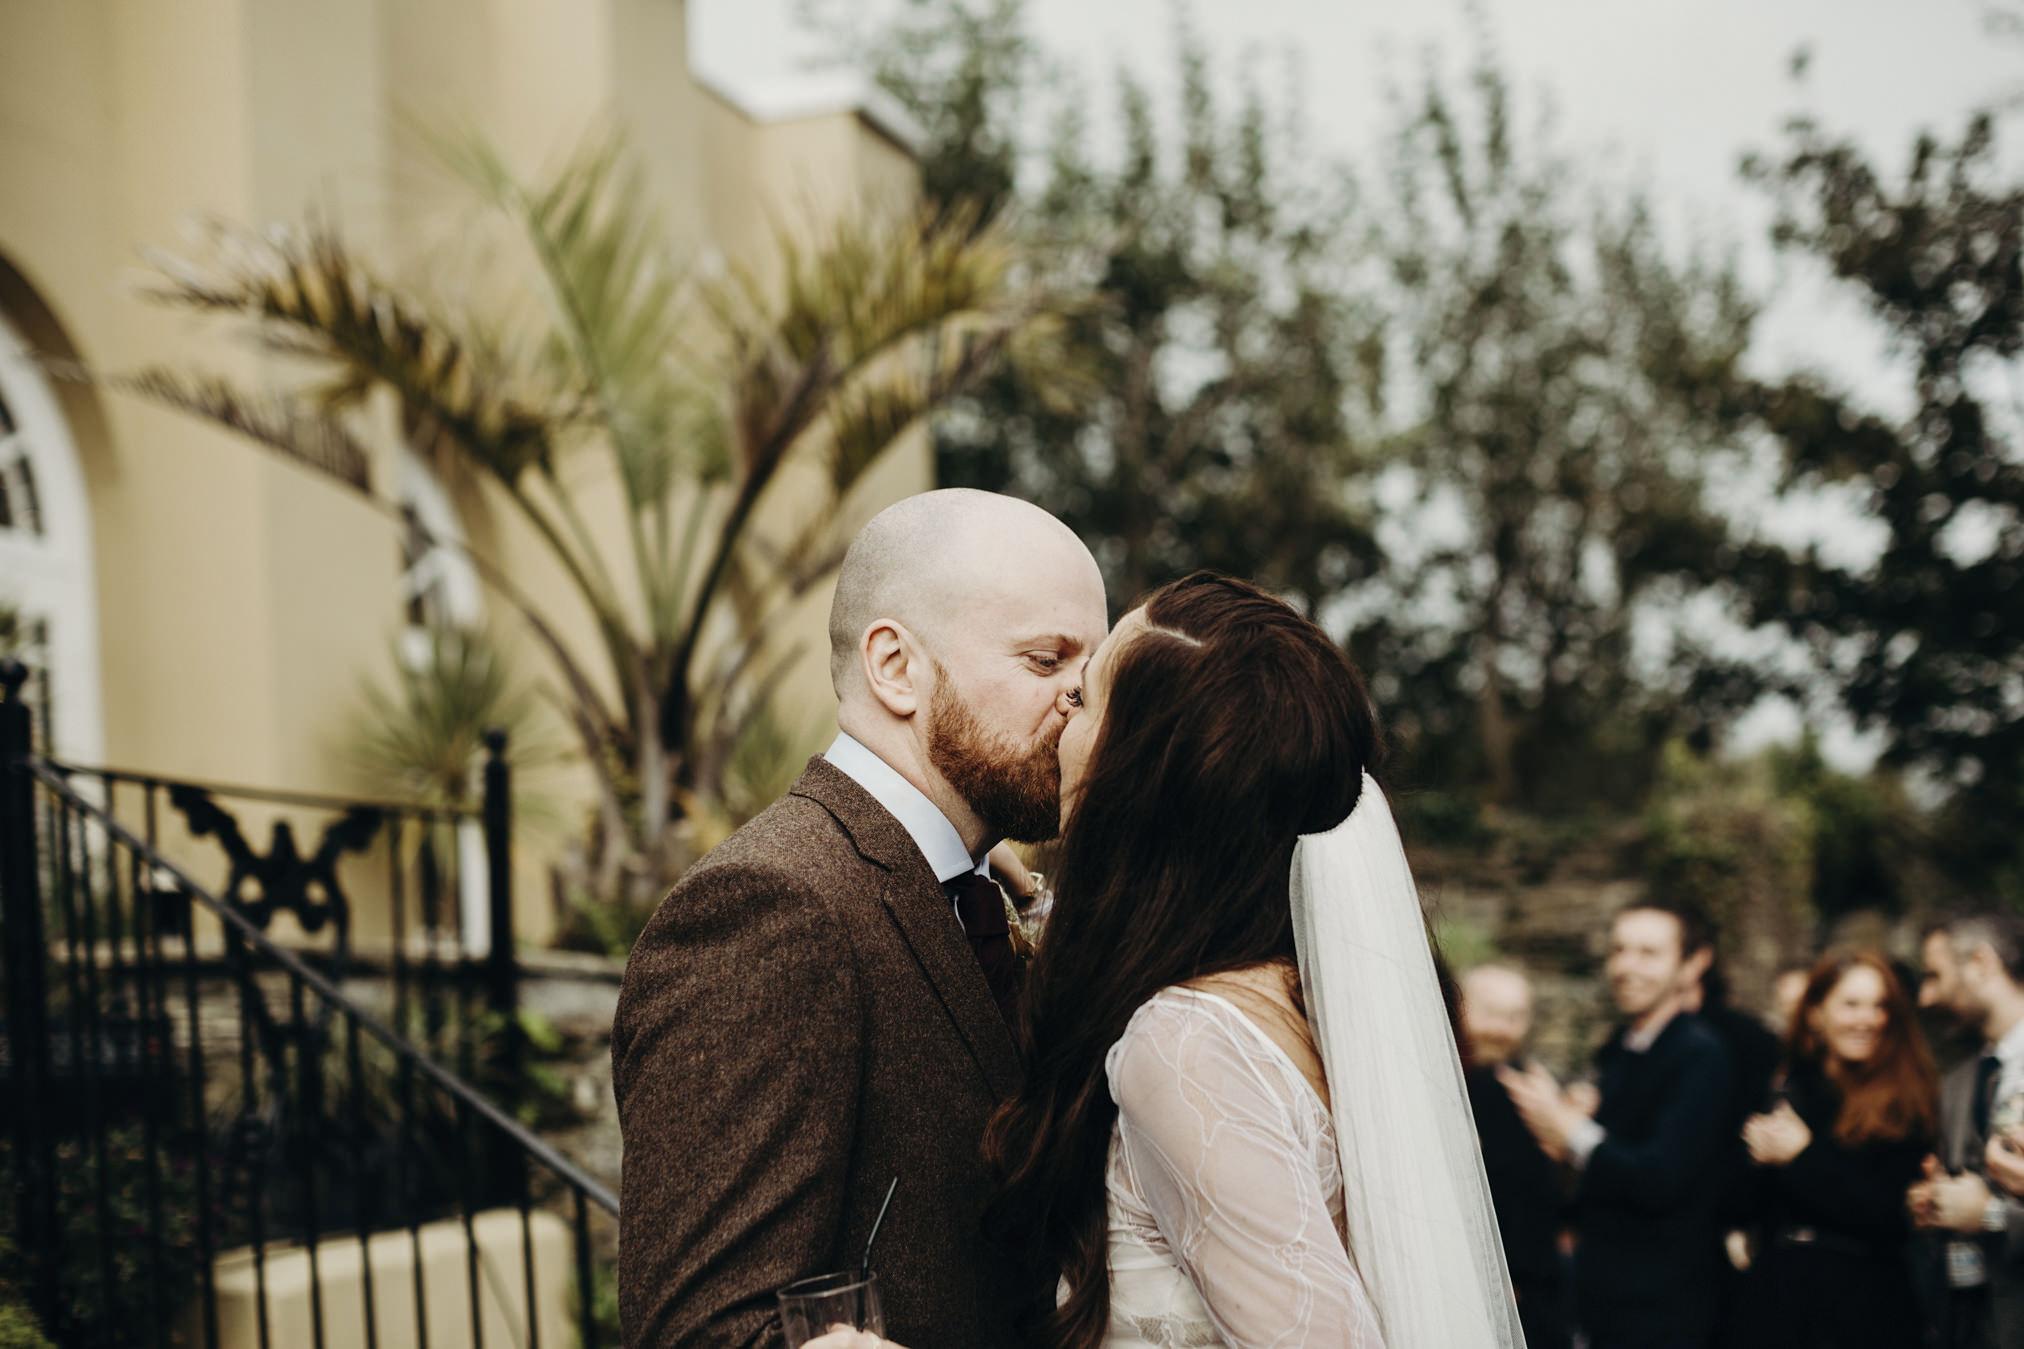 wedding photographer irelandGraciela Vilagudin Photography643.jpg